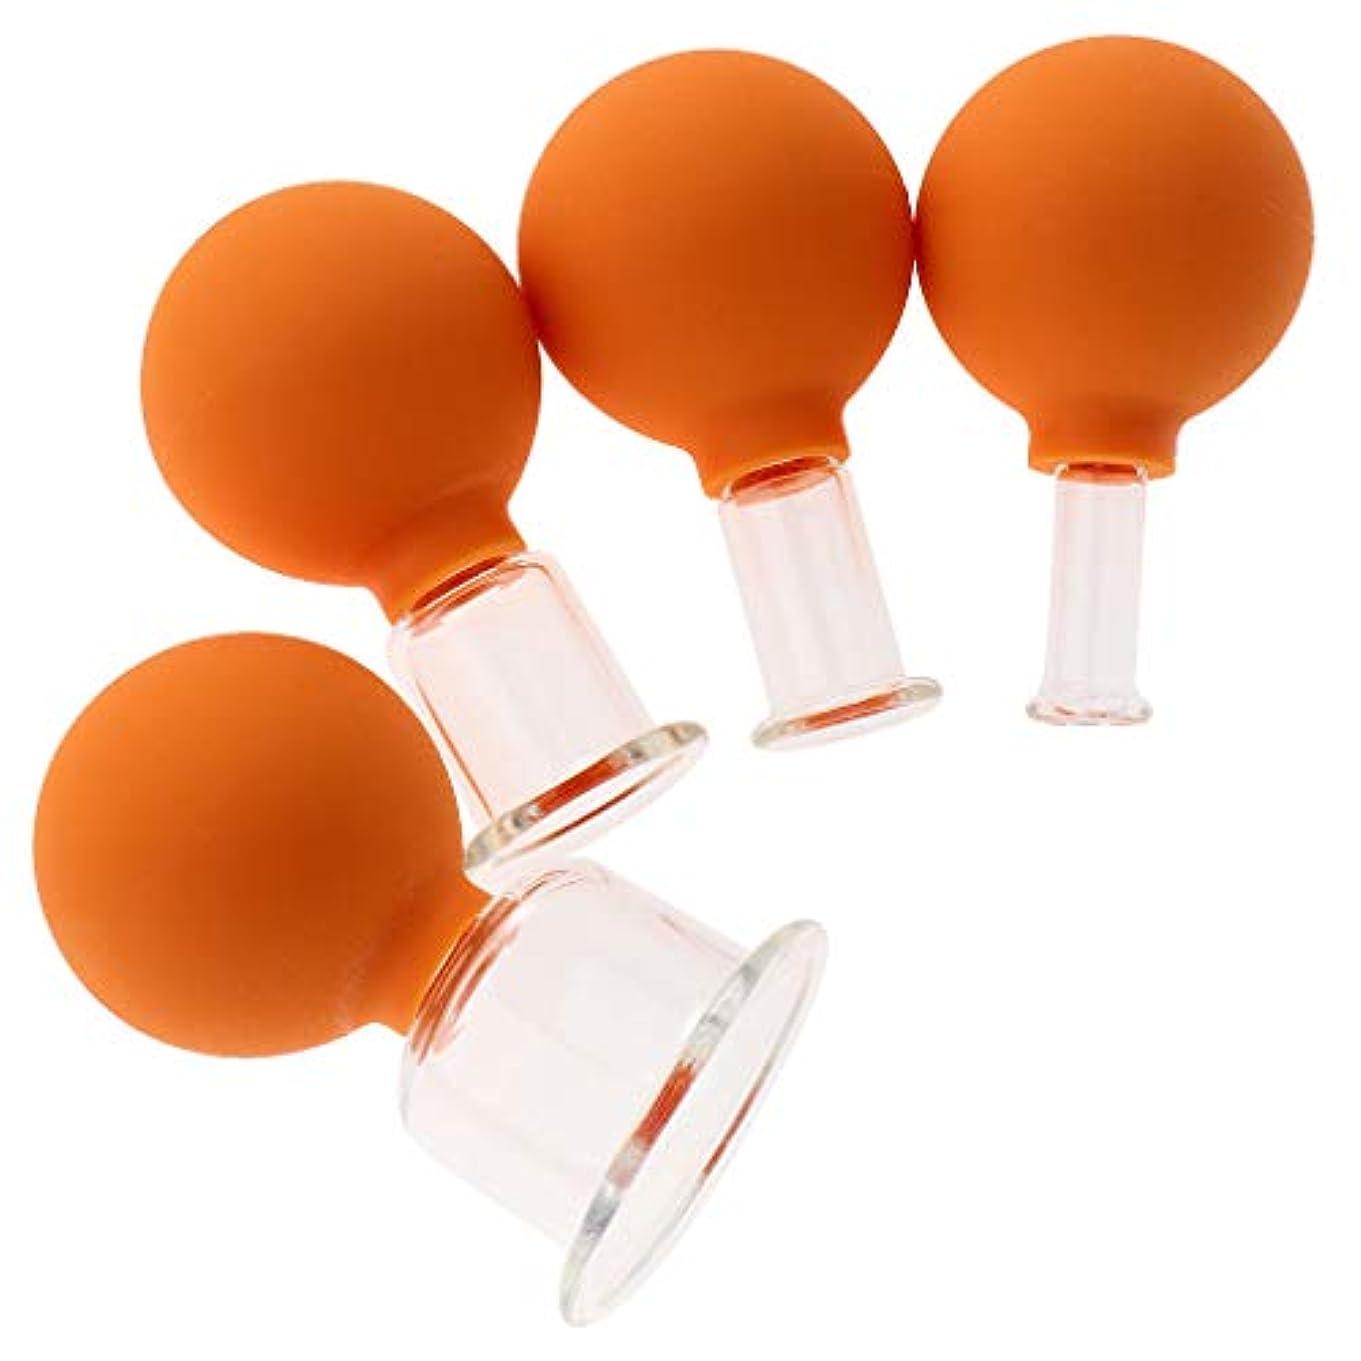 宙返り欠伸ワイヤーボディヘッドネック用4バキュームマッサージカップアンチセルライトガラスカップのセット - オレンジ